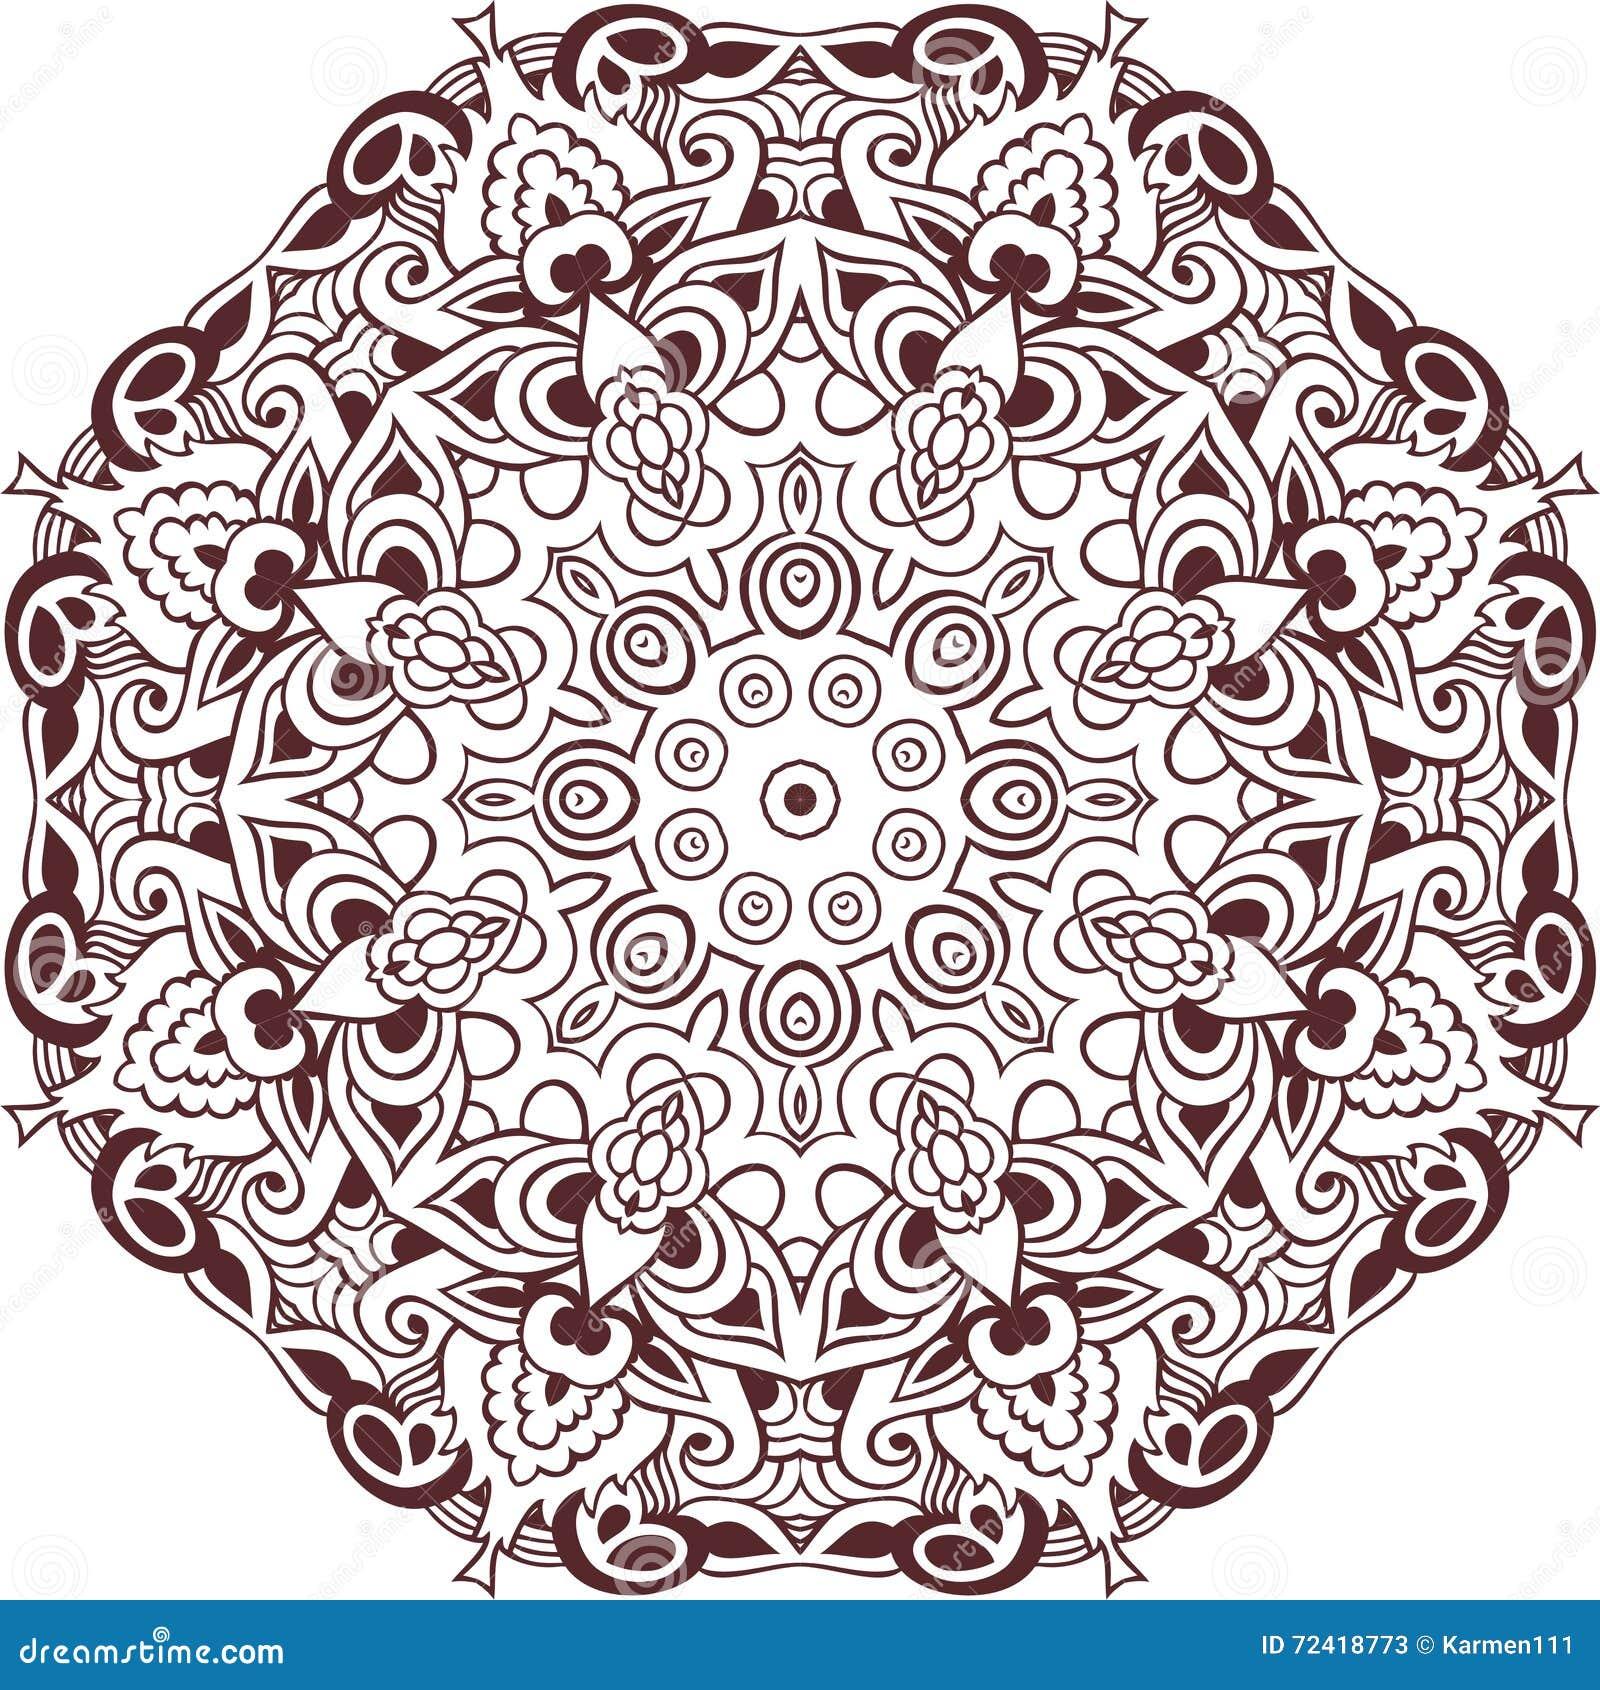 Coloriage Mandala Couleur.Cercle De Couleur De Mandala Element Paisley Livre De Coloriage De